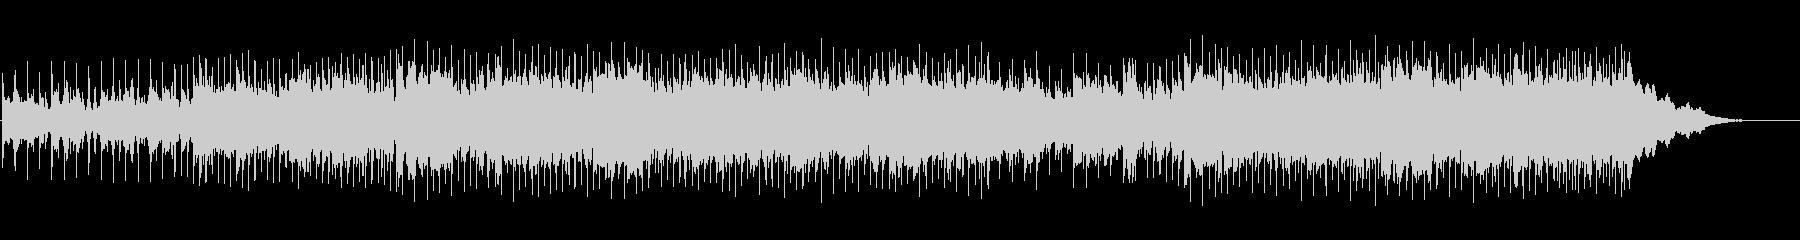 ポップ/エレクトロ・インストゥルメ...の未再生の波形